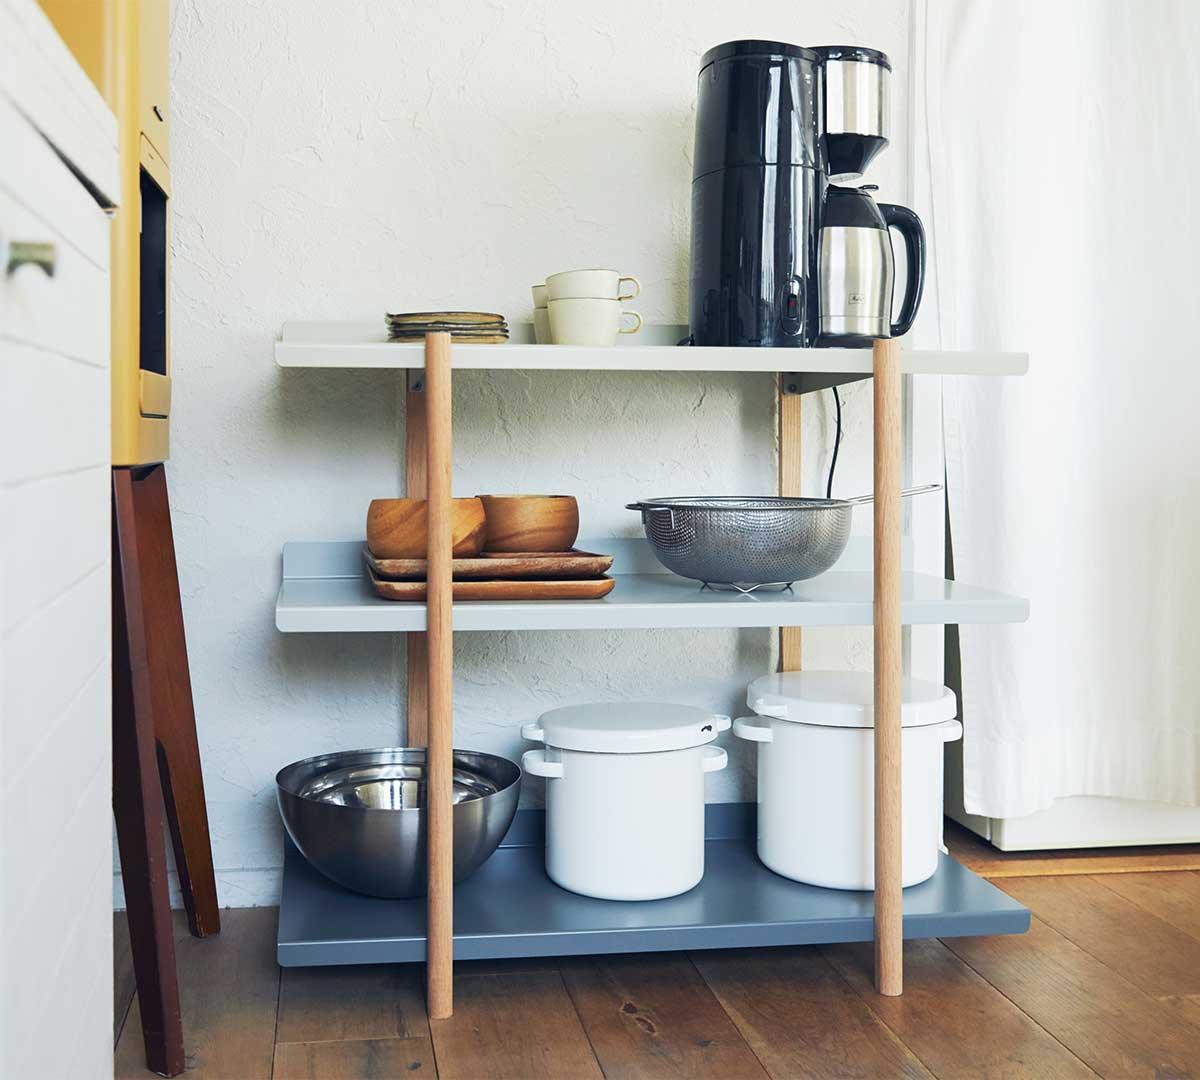 ティーカップや鍋、食器などのキッチンウエア。色違いの棚板を入れ替えるたびに、新鮮な空間づくりができる「シェルフ(棚)」DUENDE Marge Shelf(デュエンデ マージ シェルフ)